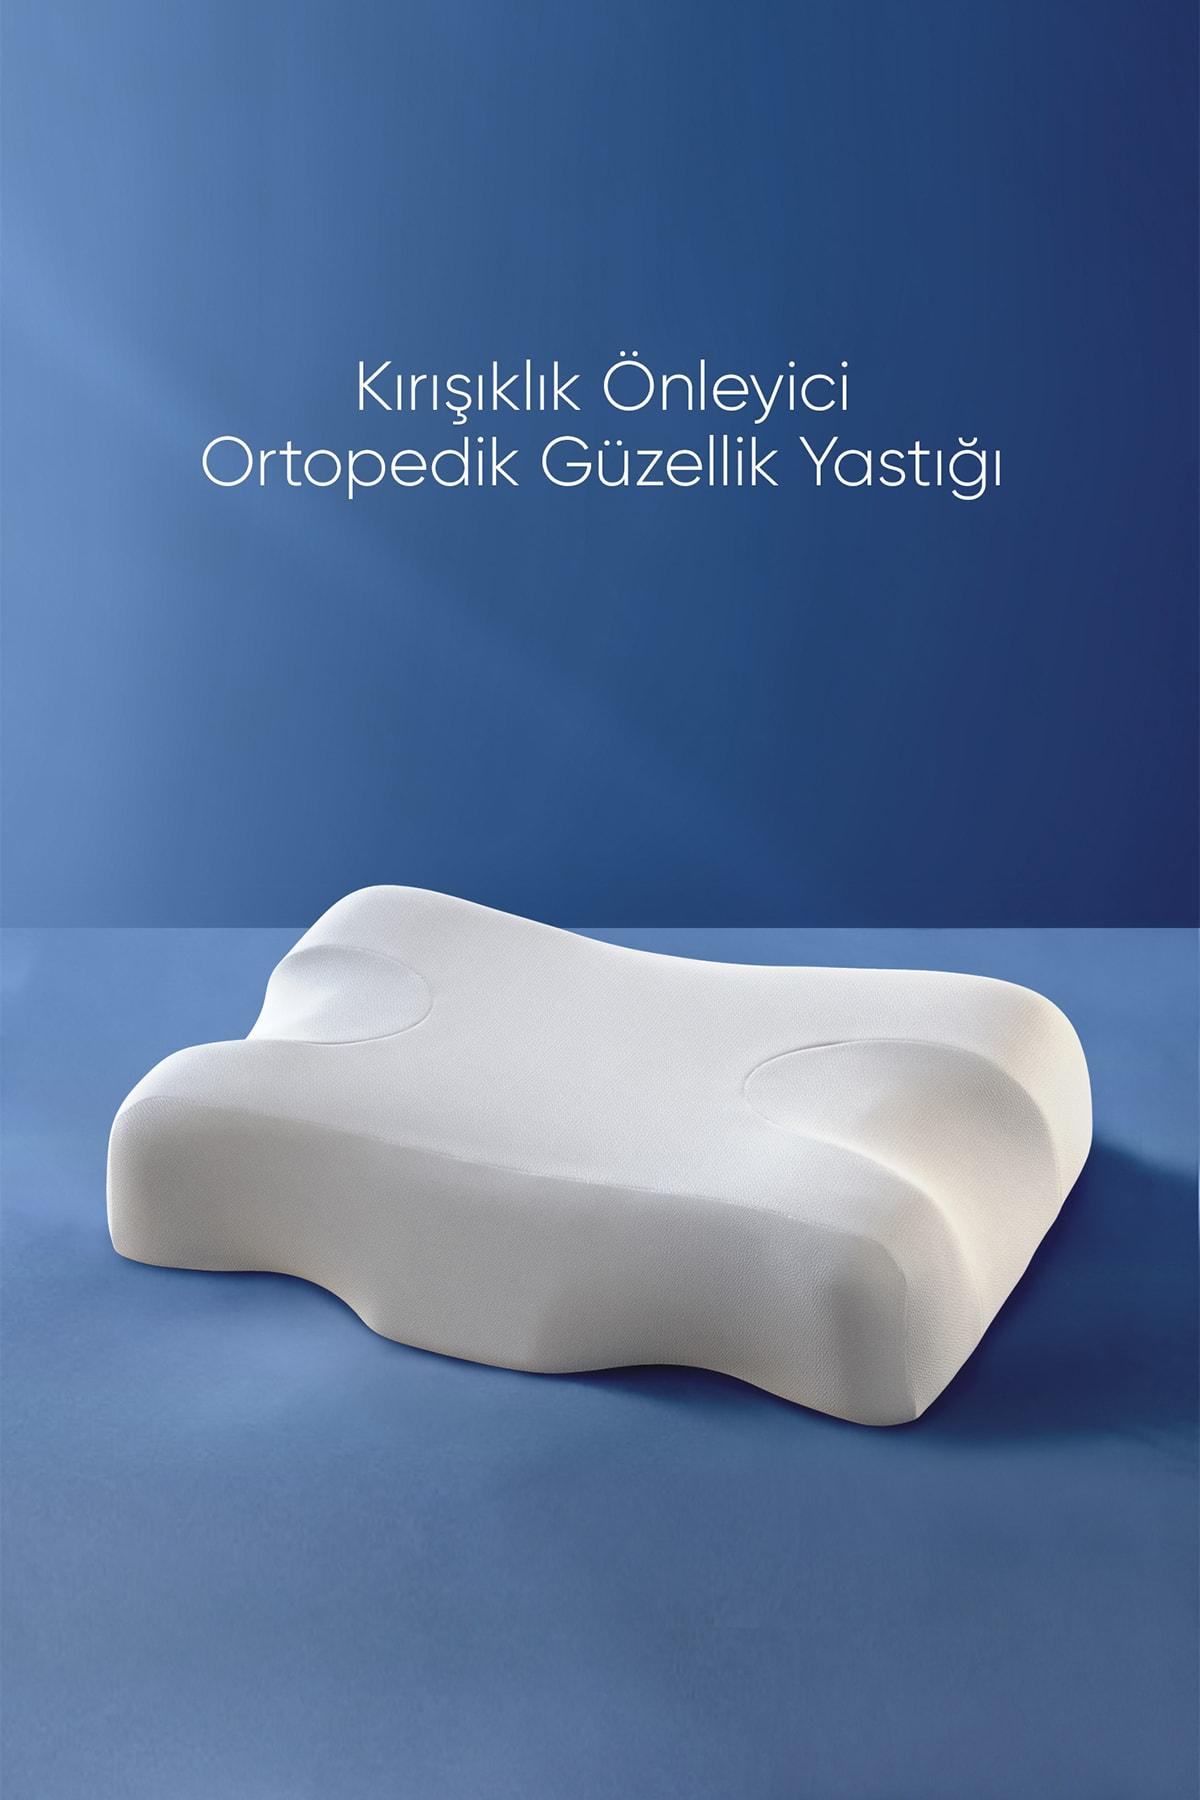 Beauty Pillow Kırışıklık Önleyici Ortopedik Güzellik Yastığı 1